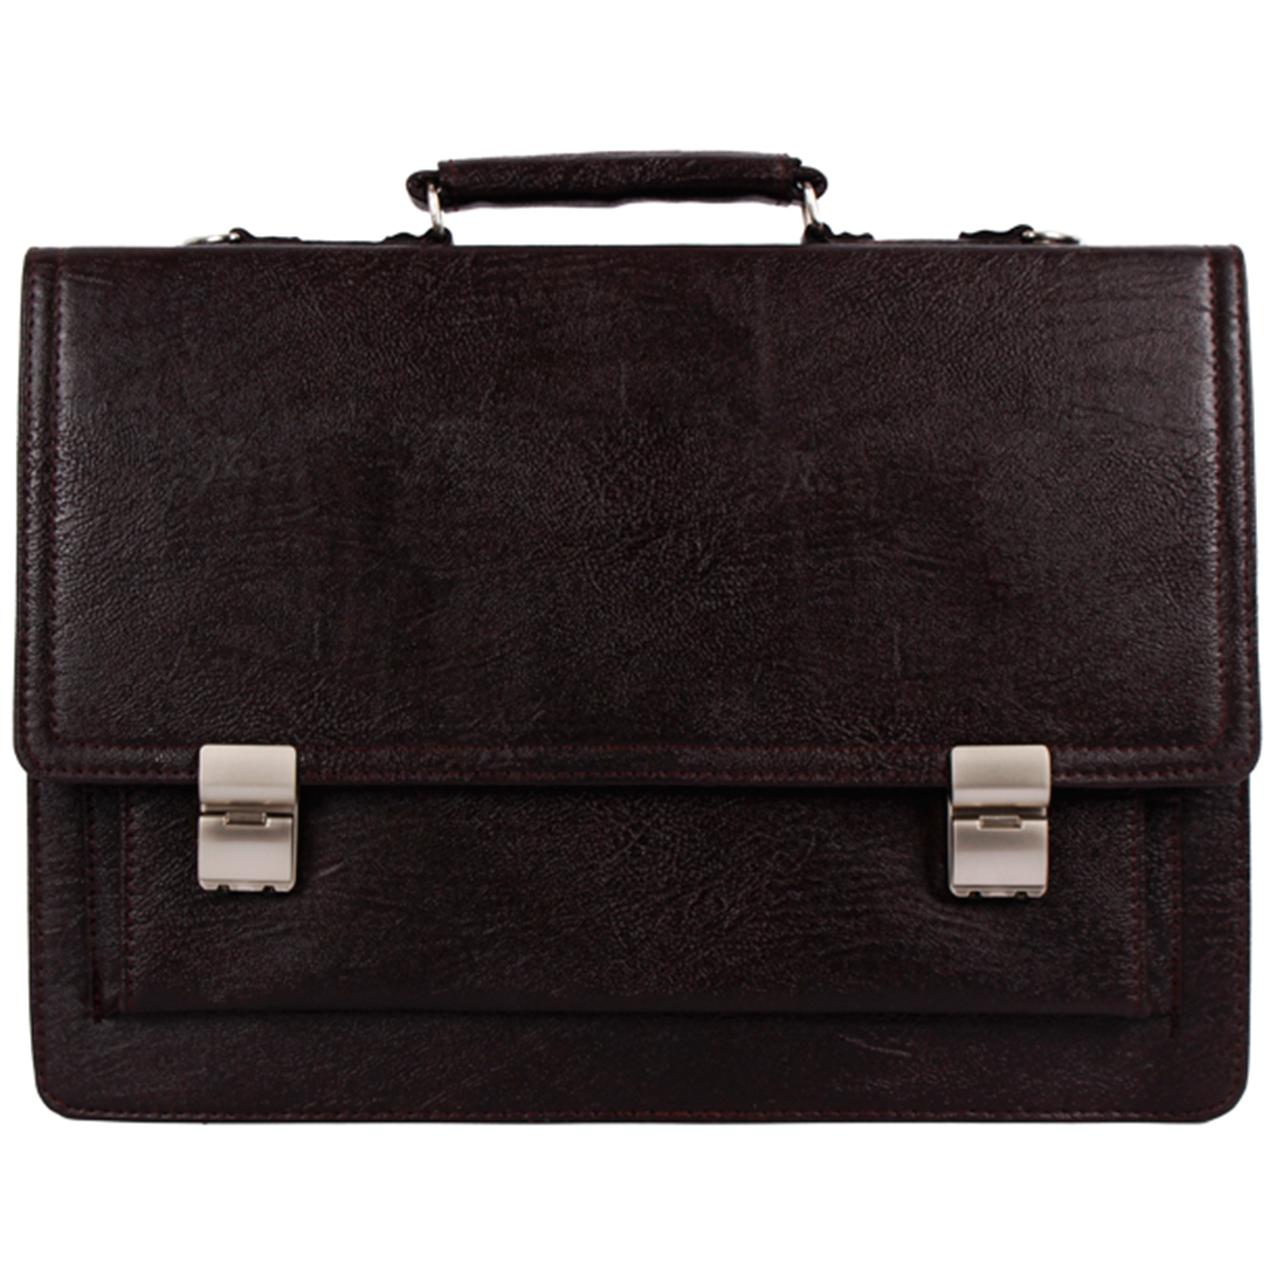 قیمت کیف اداری مردانه رویال چرم کد BF5-DarkBrown